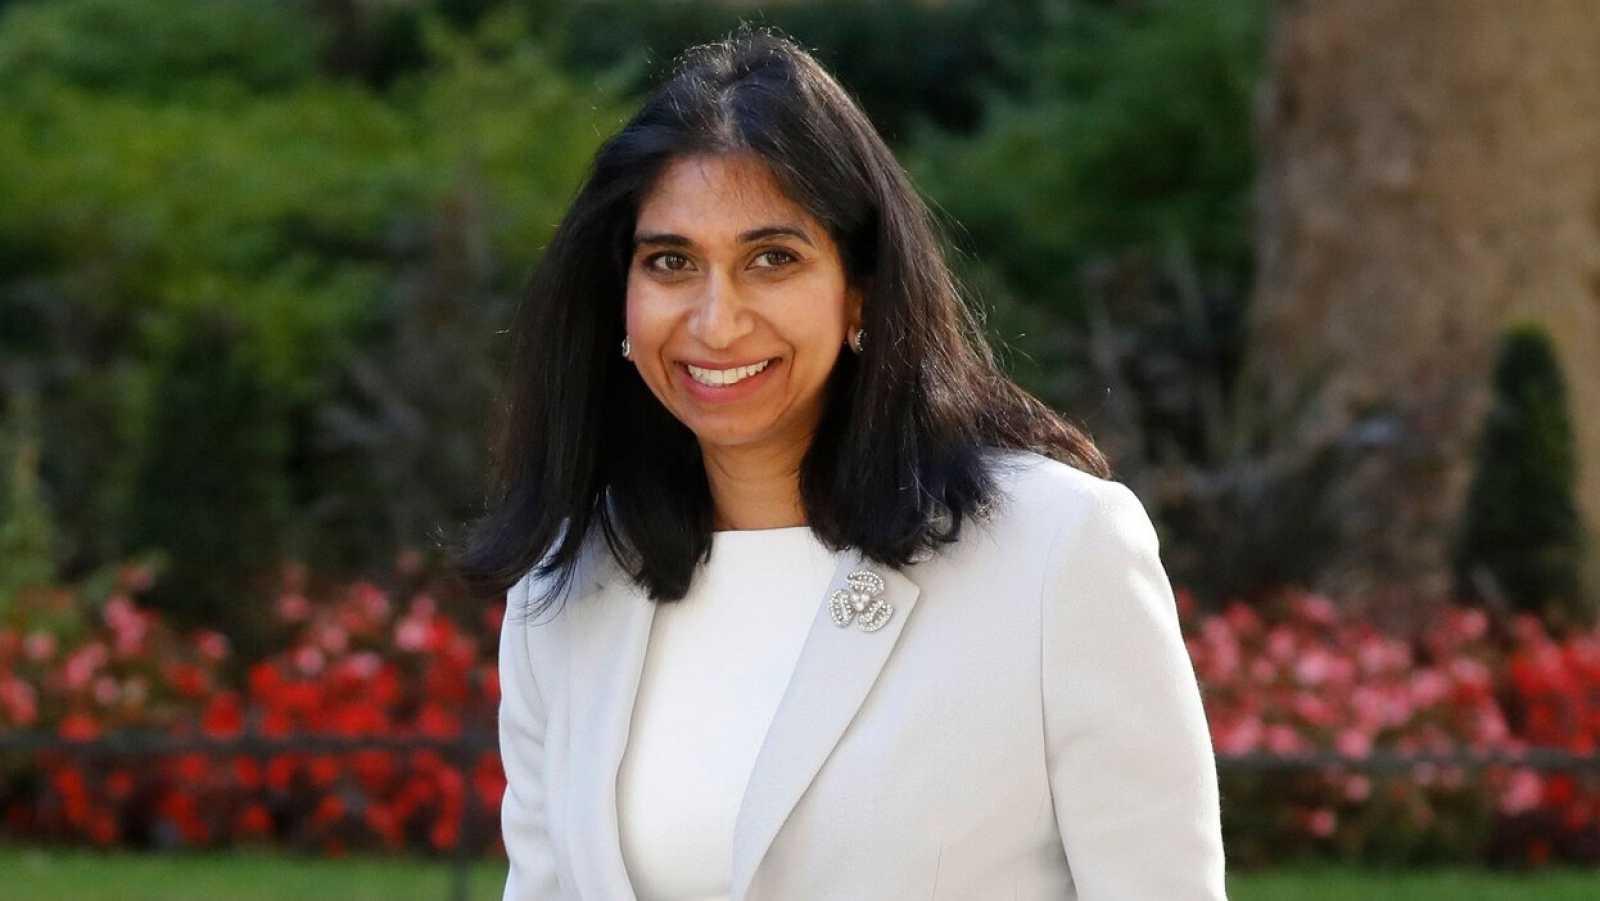 La fiscal general de Reino Unido, Suella Braverman, quien se convertirá en la primera ministra en acceder a una baja por maternidad